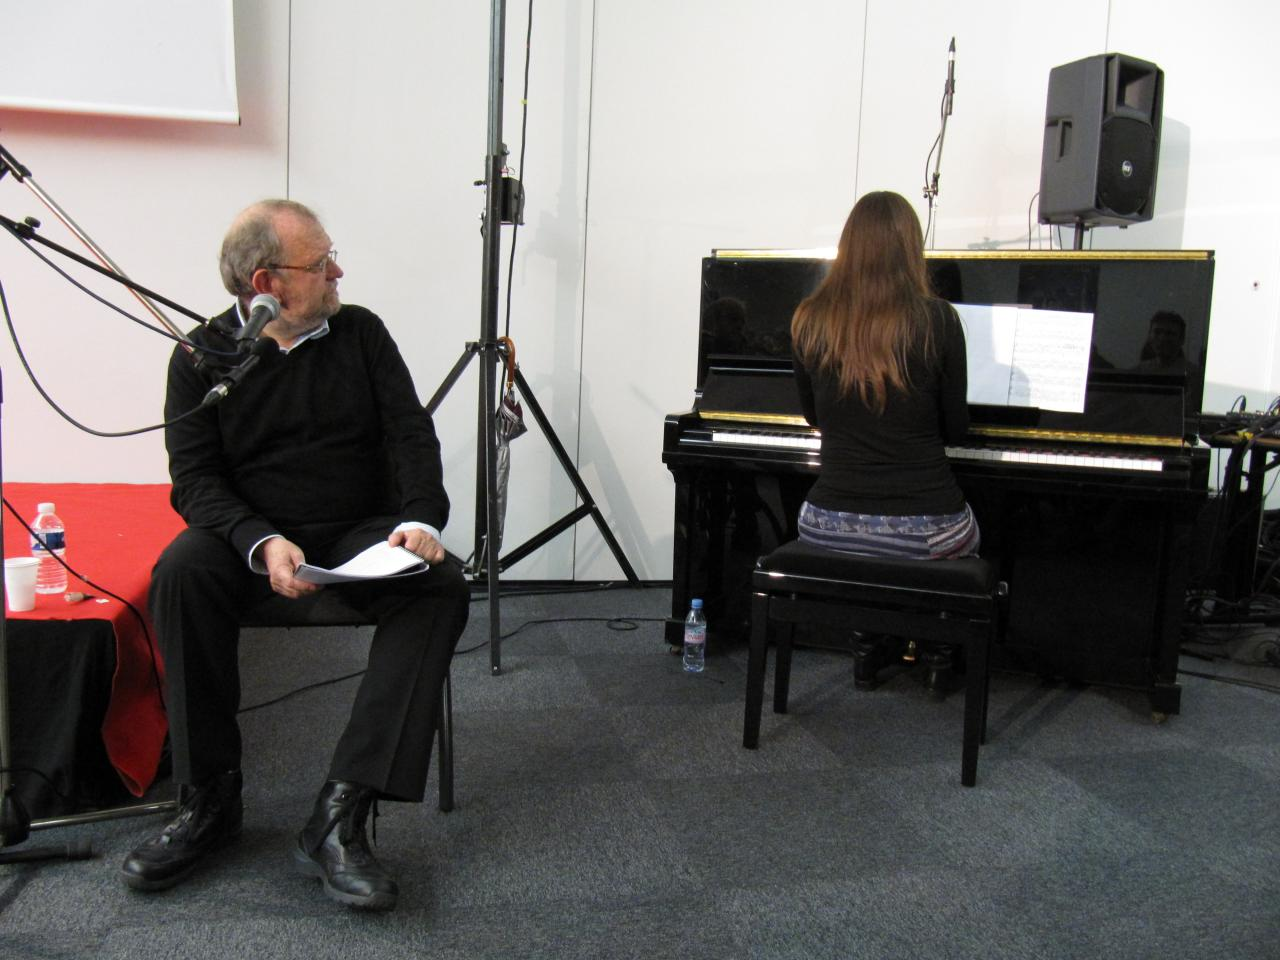 Les pas de l'ombre, Salon du Livre de Toulouse, novembre 2011